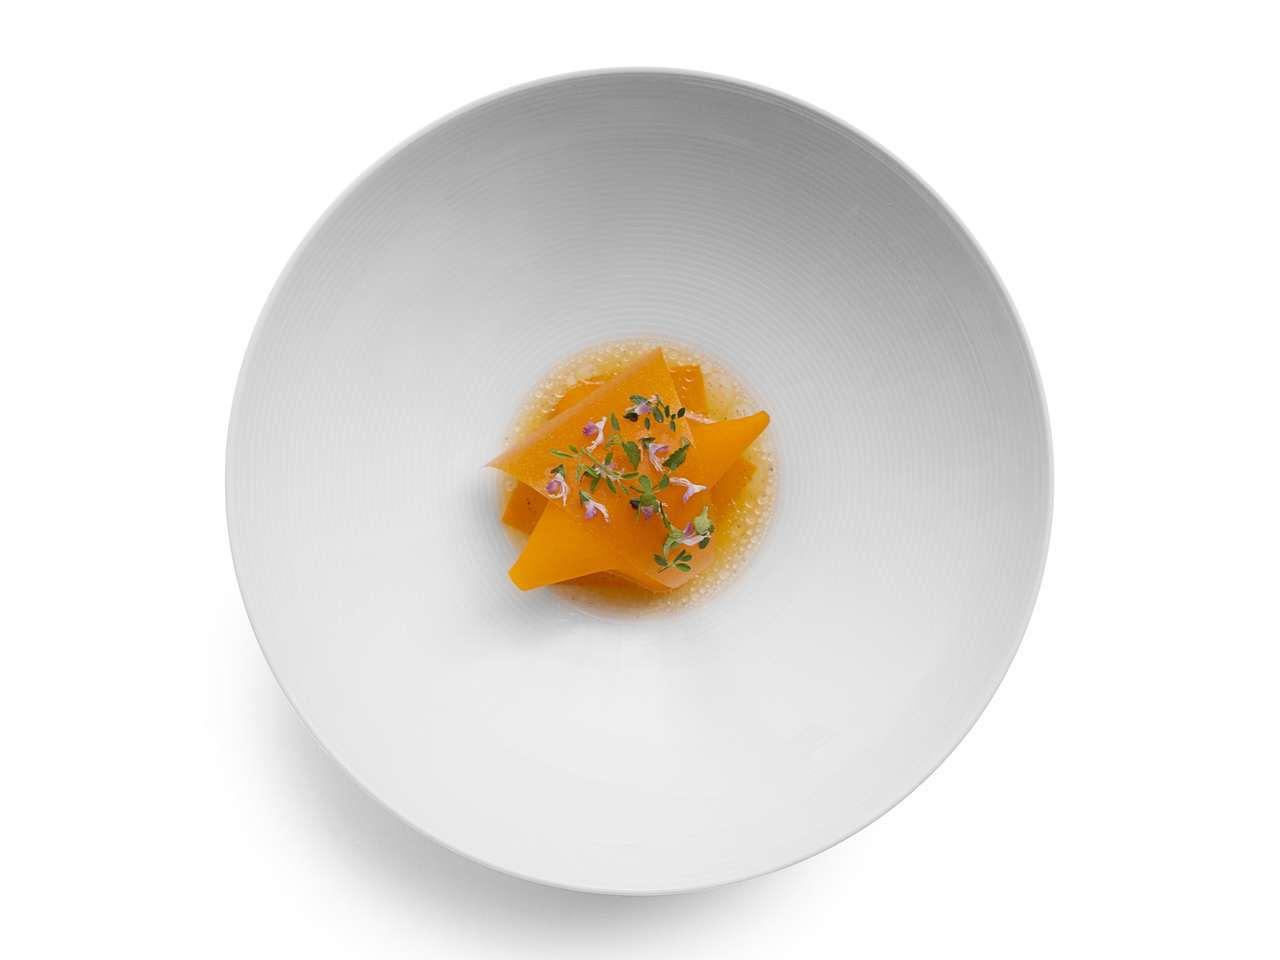 Ronny Emborg以新北歐料理風格為主軸。圖/美福飯店提供